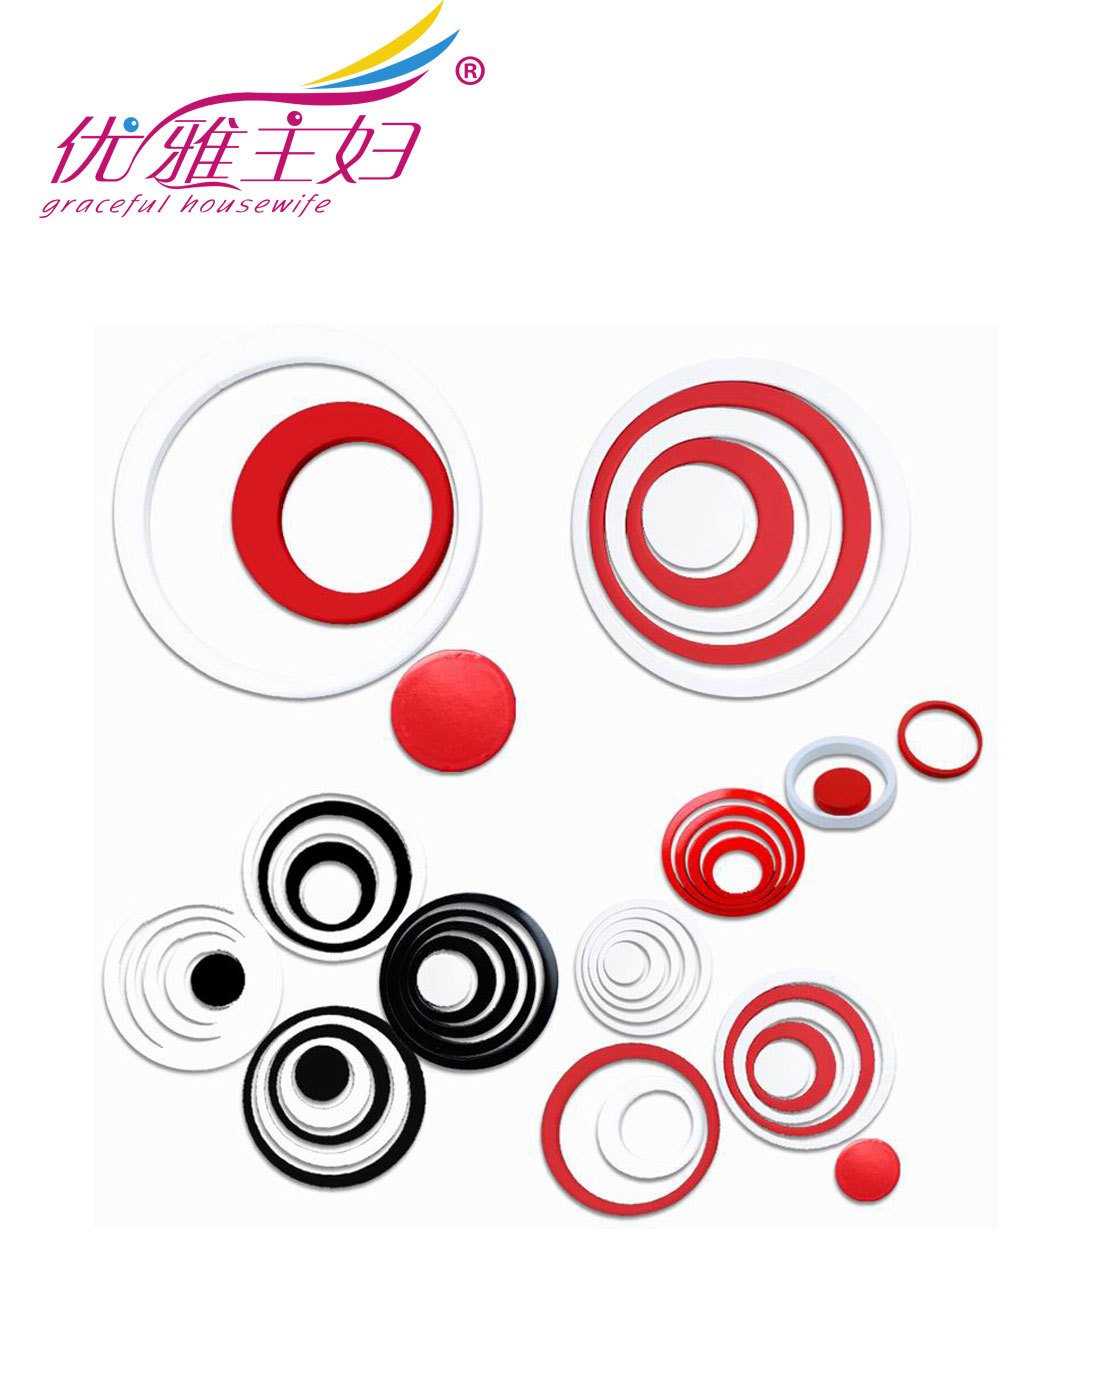 创意圆环立体墙贴(红黑白30个圈)图片